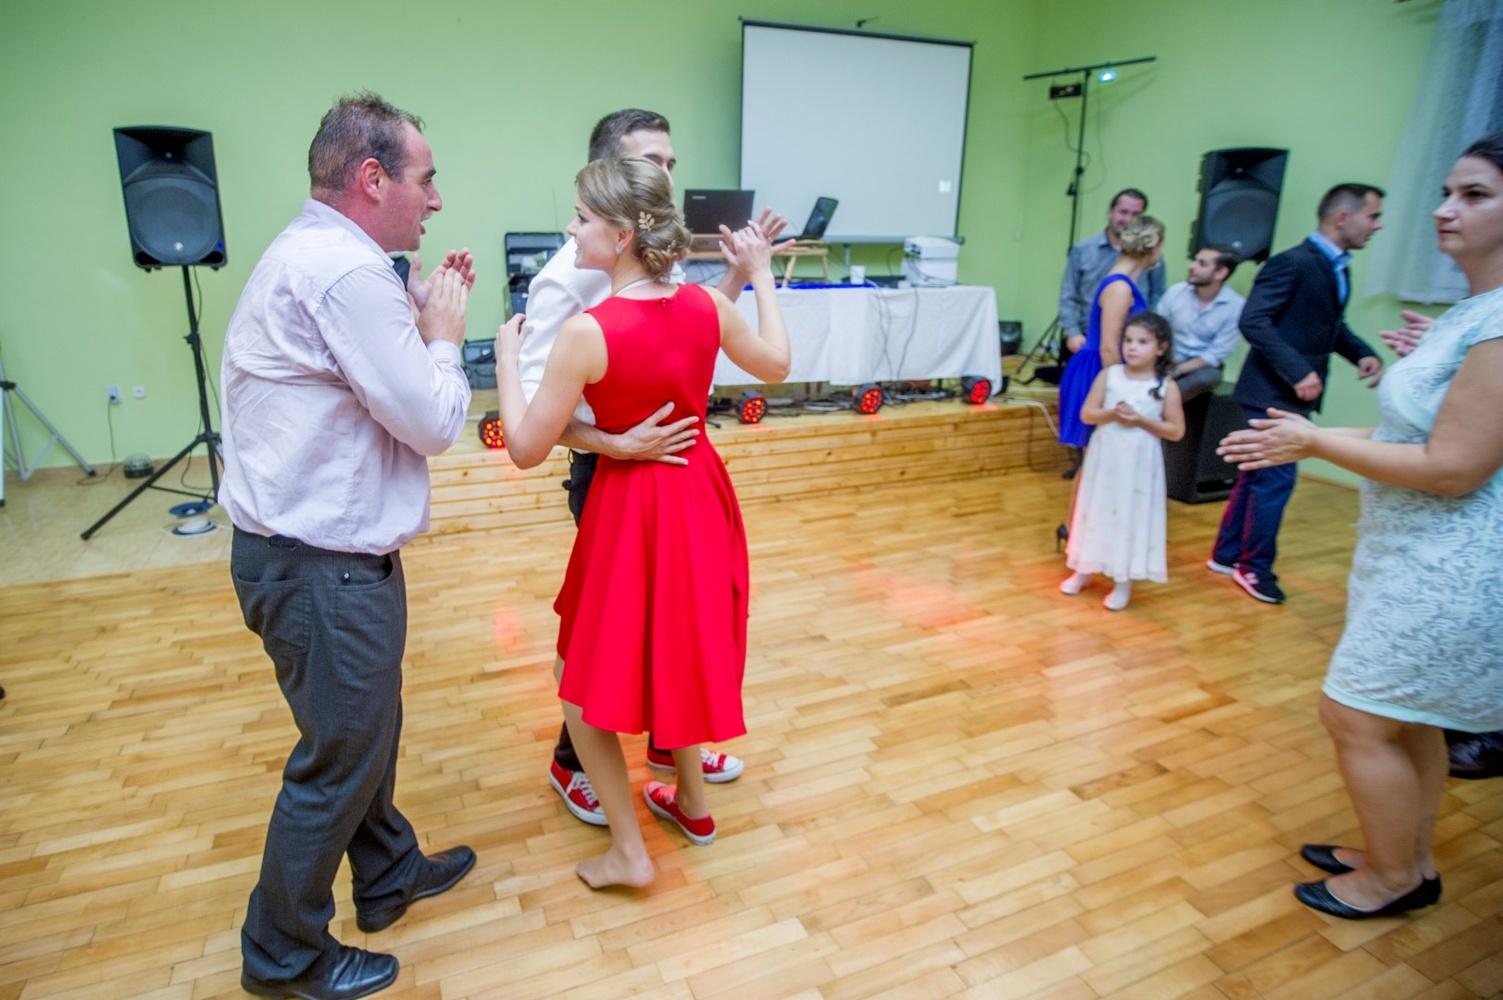 http://www.fotoz.sk/images/gallery-8/normal/eskuvoi-fotos_svadobny-fotograf_594.jpg